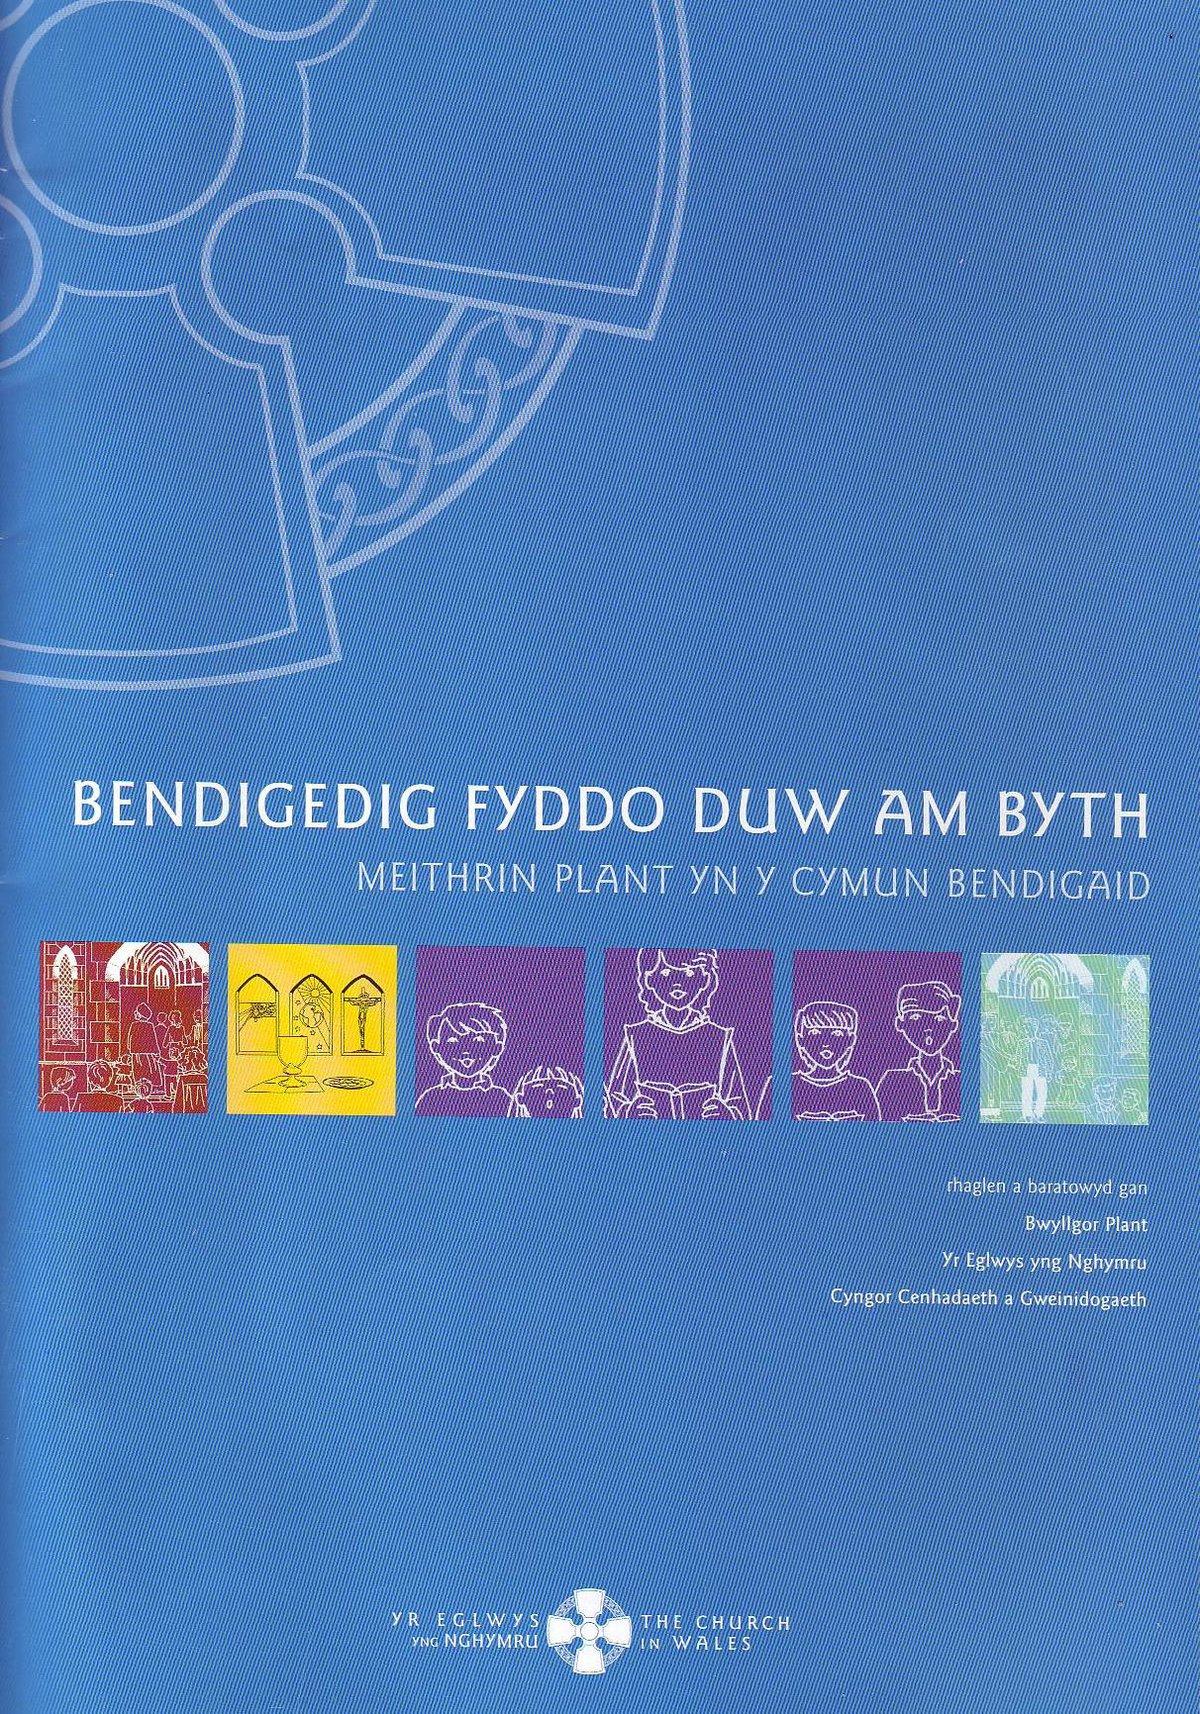 Bendigedig Fyddo Duw am Byth